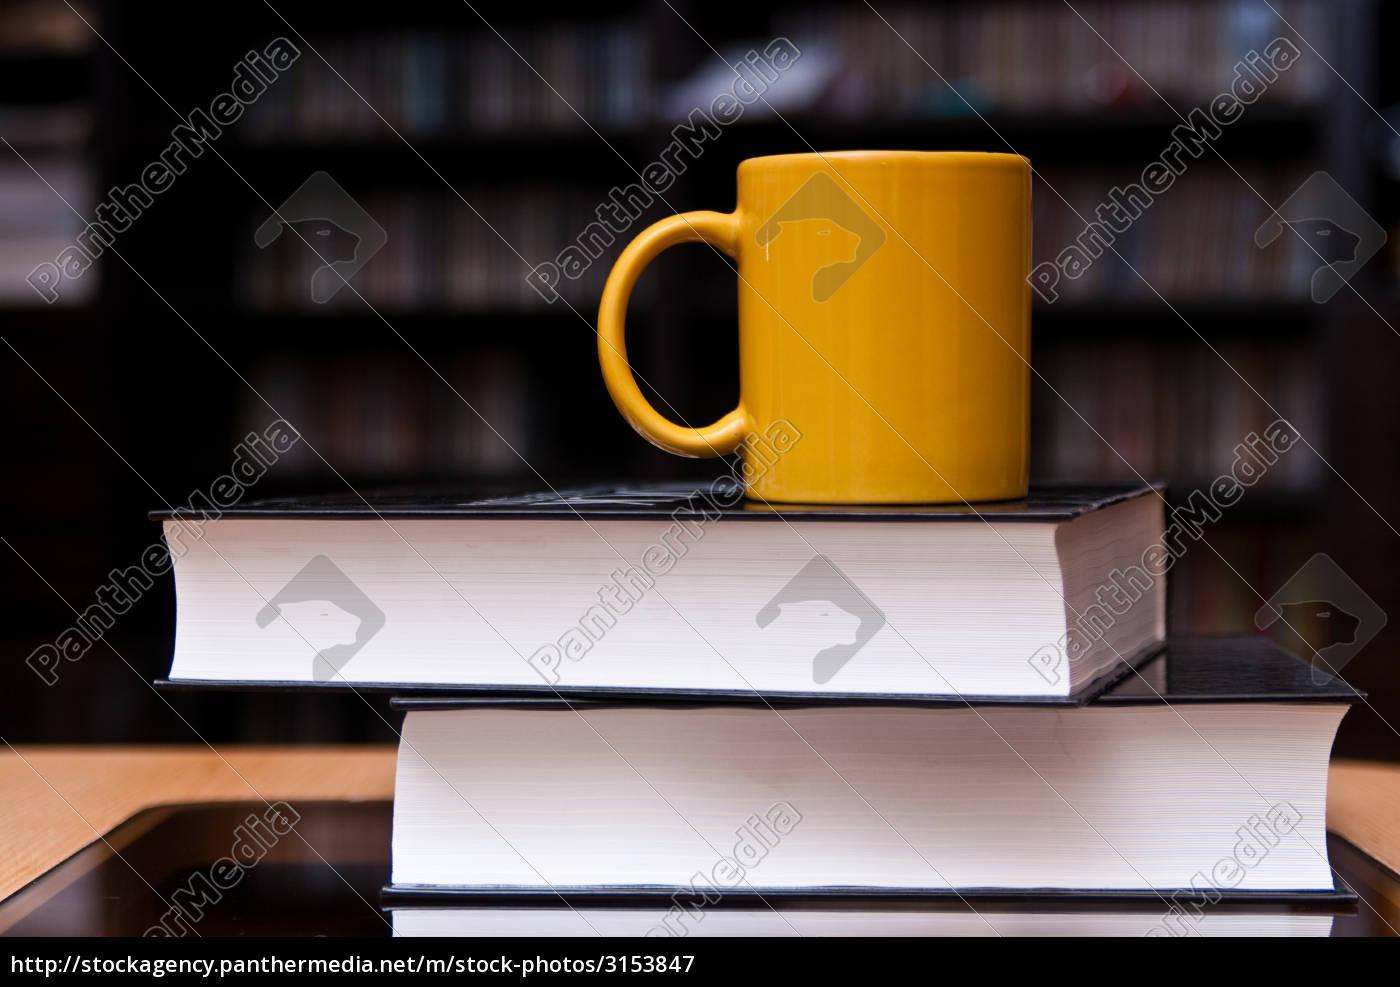 cup, education, black, swarthy, jetblack, deep black - 3153847